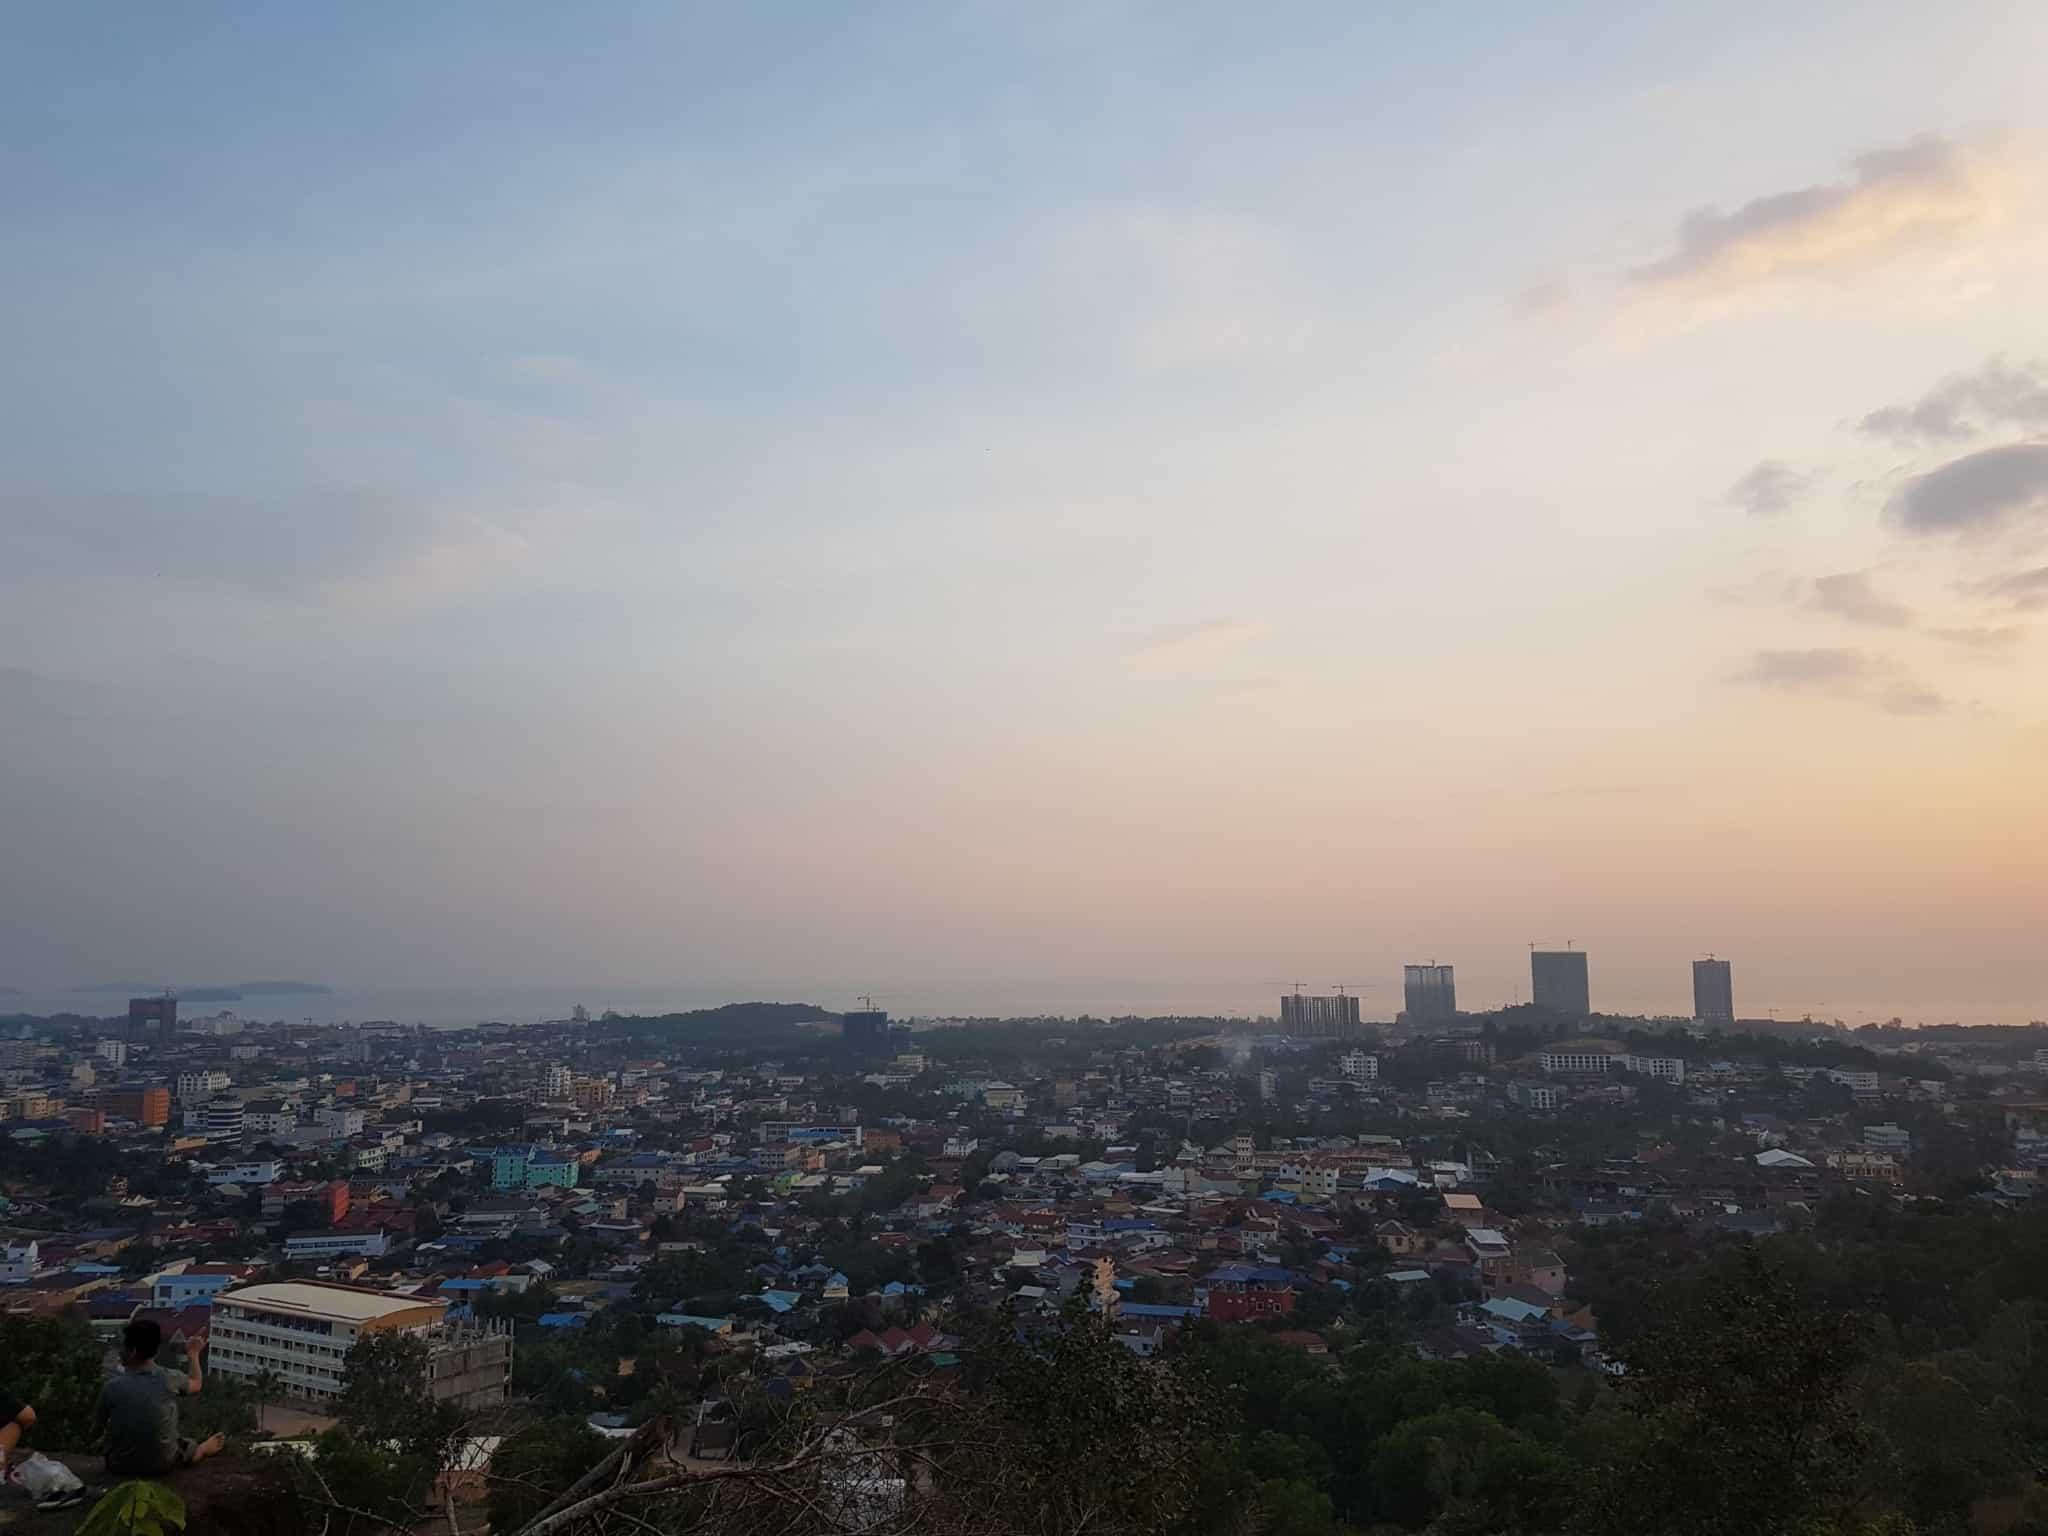 Cambodge, 4 jours au paradis dans le plus bel hôtel de Sihanoukville 😍 12